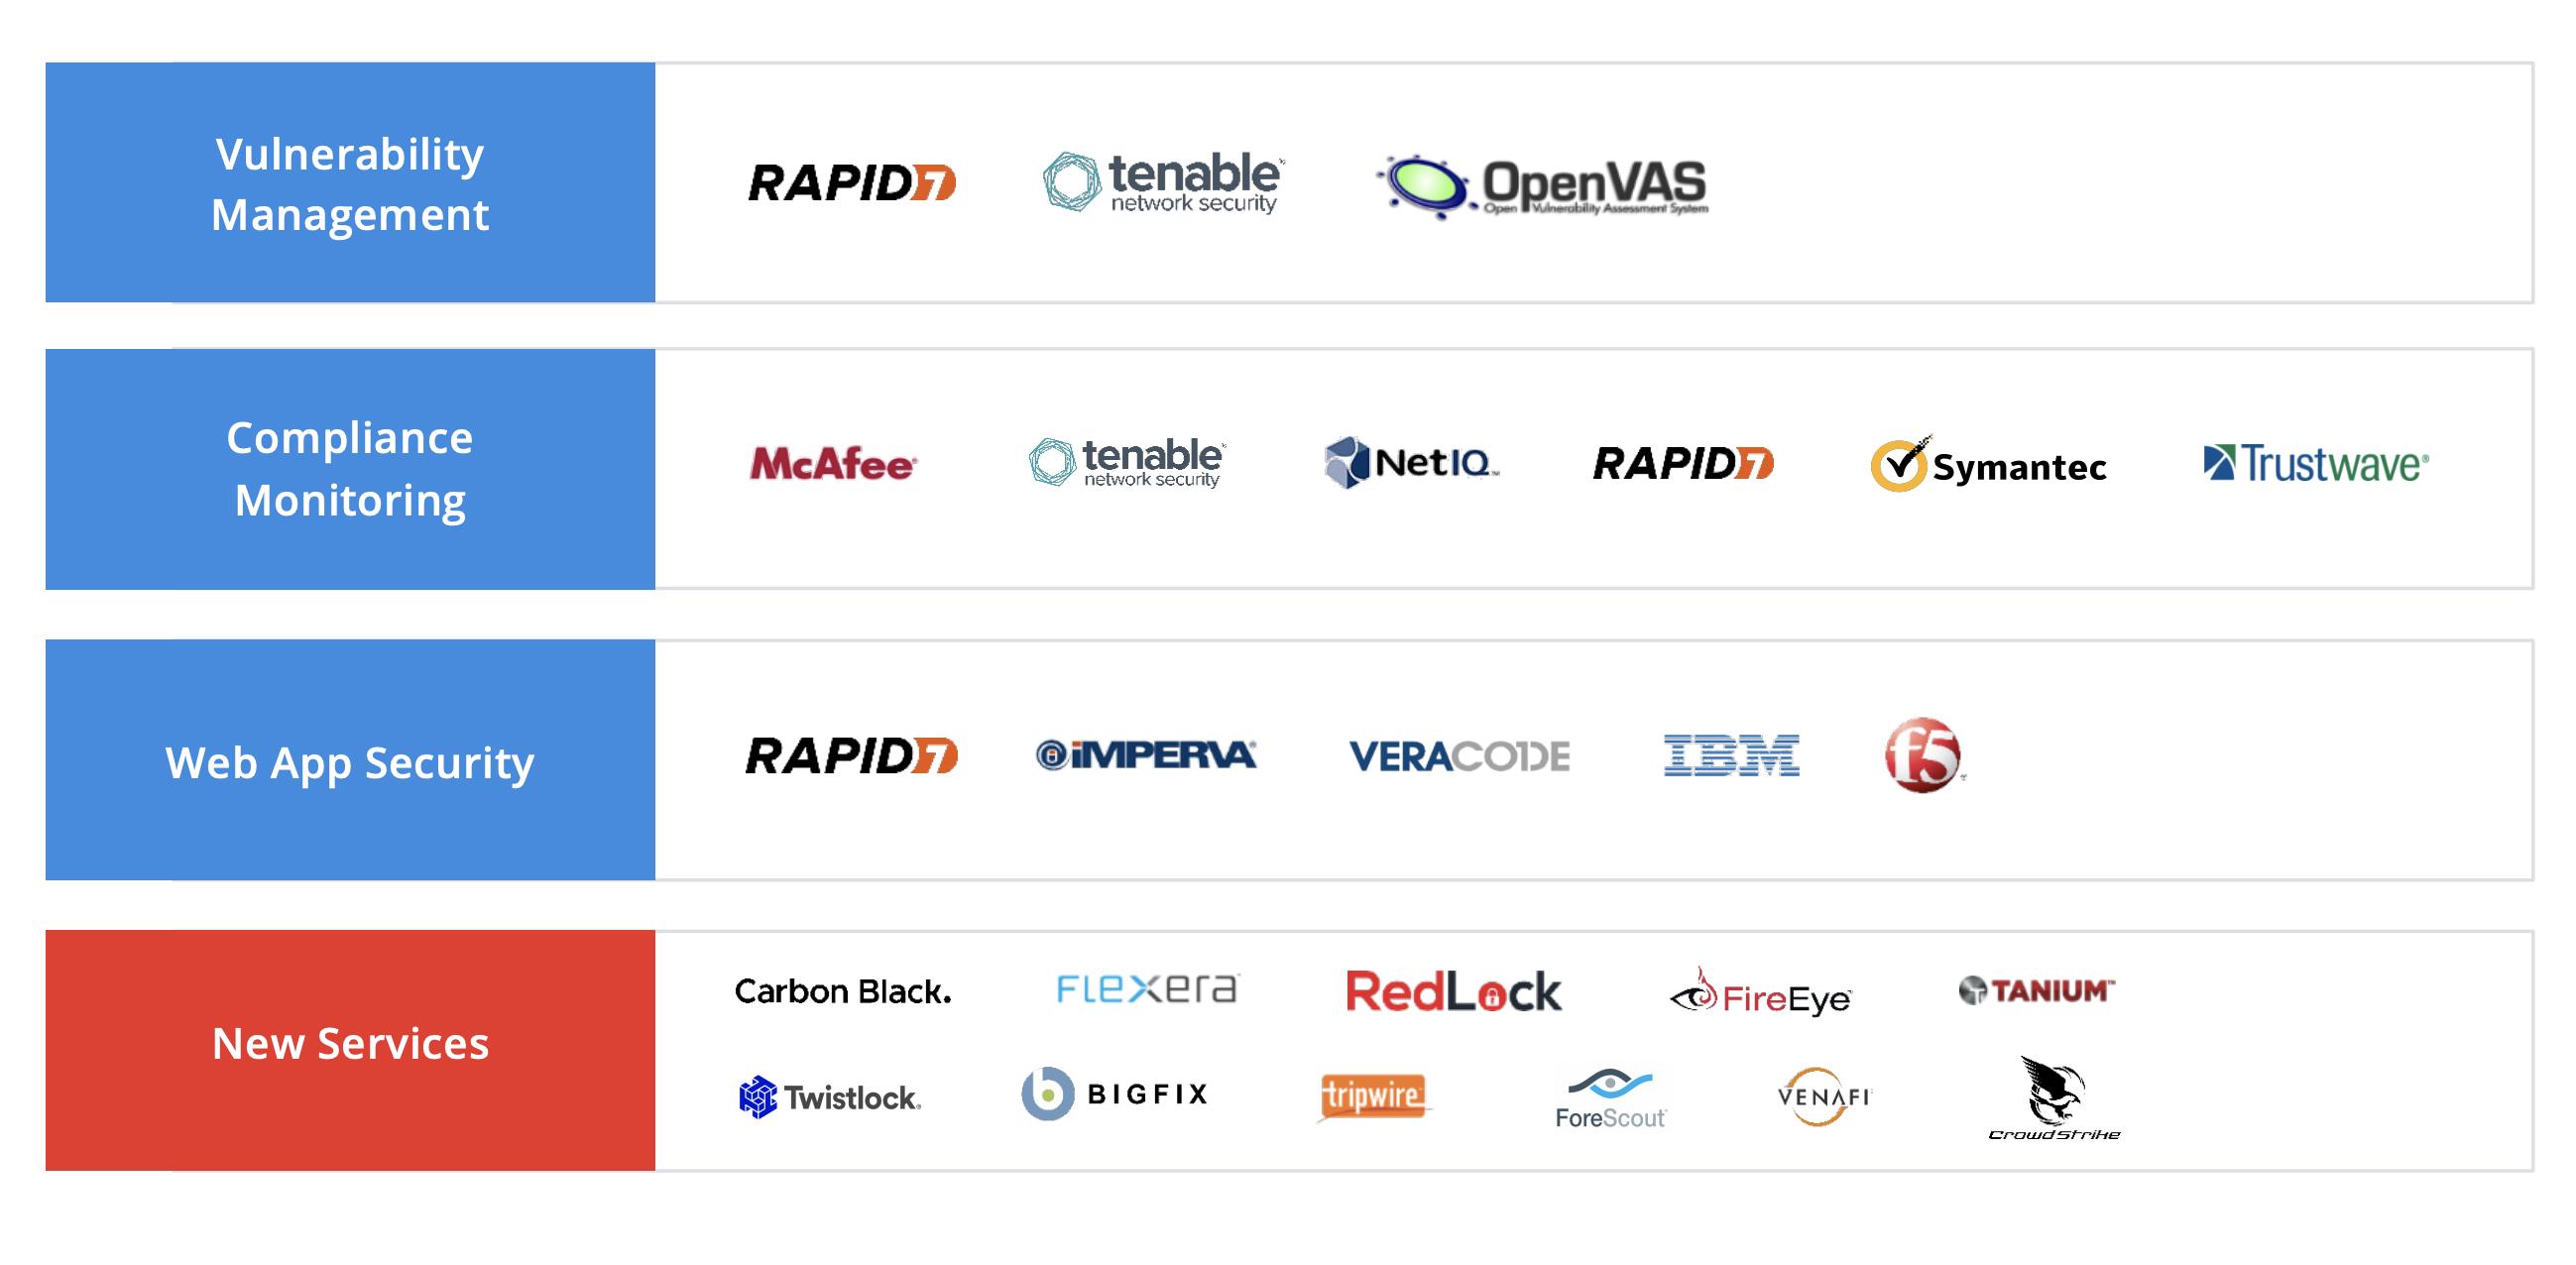 Конкуренты компании в разных сферах: управление уязвимостями, мониторинг комплаенса, безопасность сетевых приложений, новые услуги. Источник: презентация компании, слайд 27